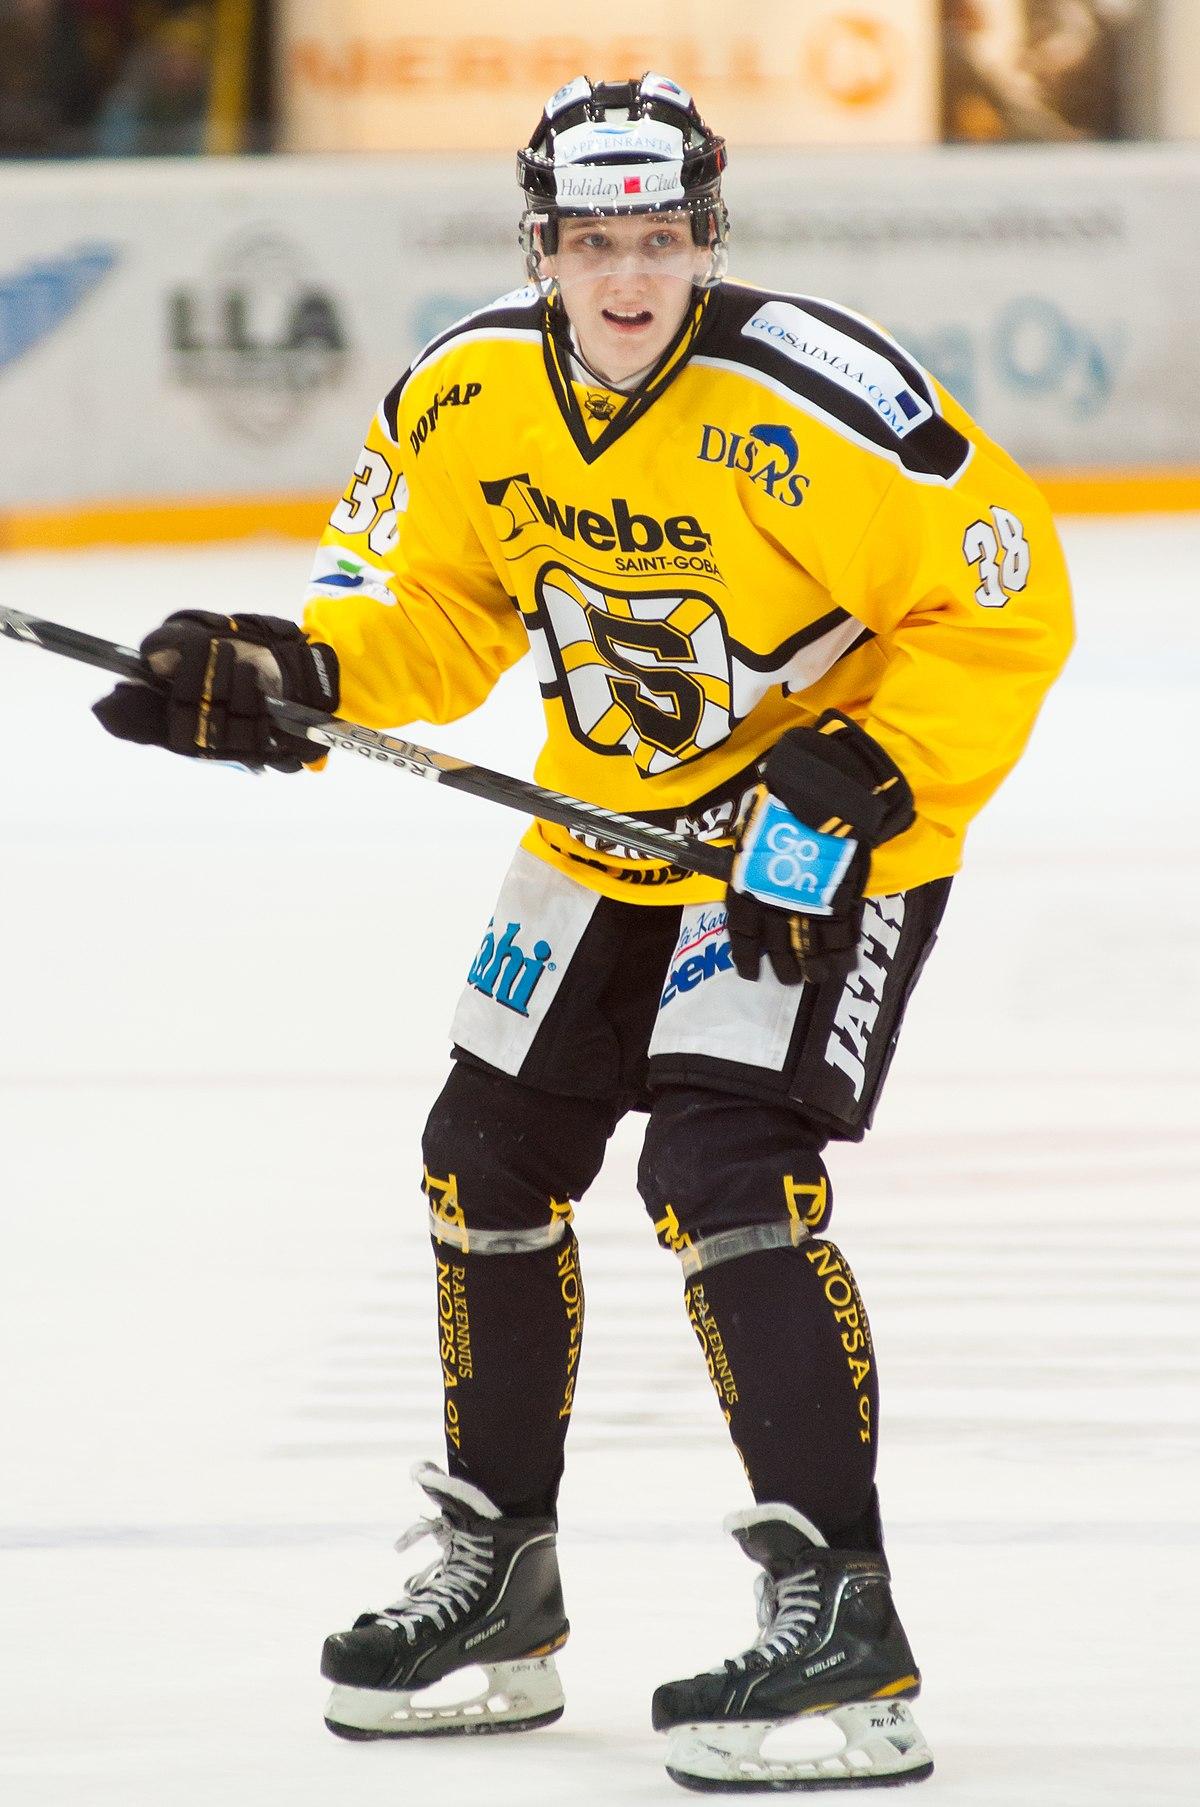 Simo Pekka Riikola